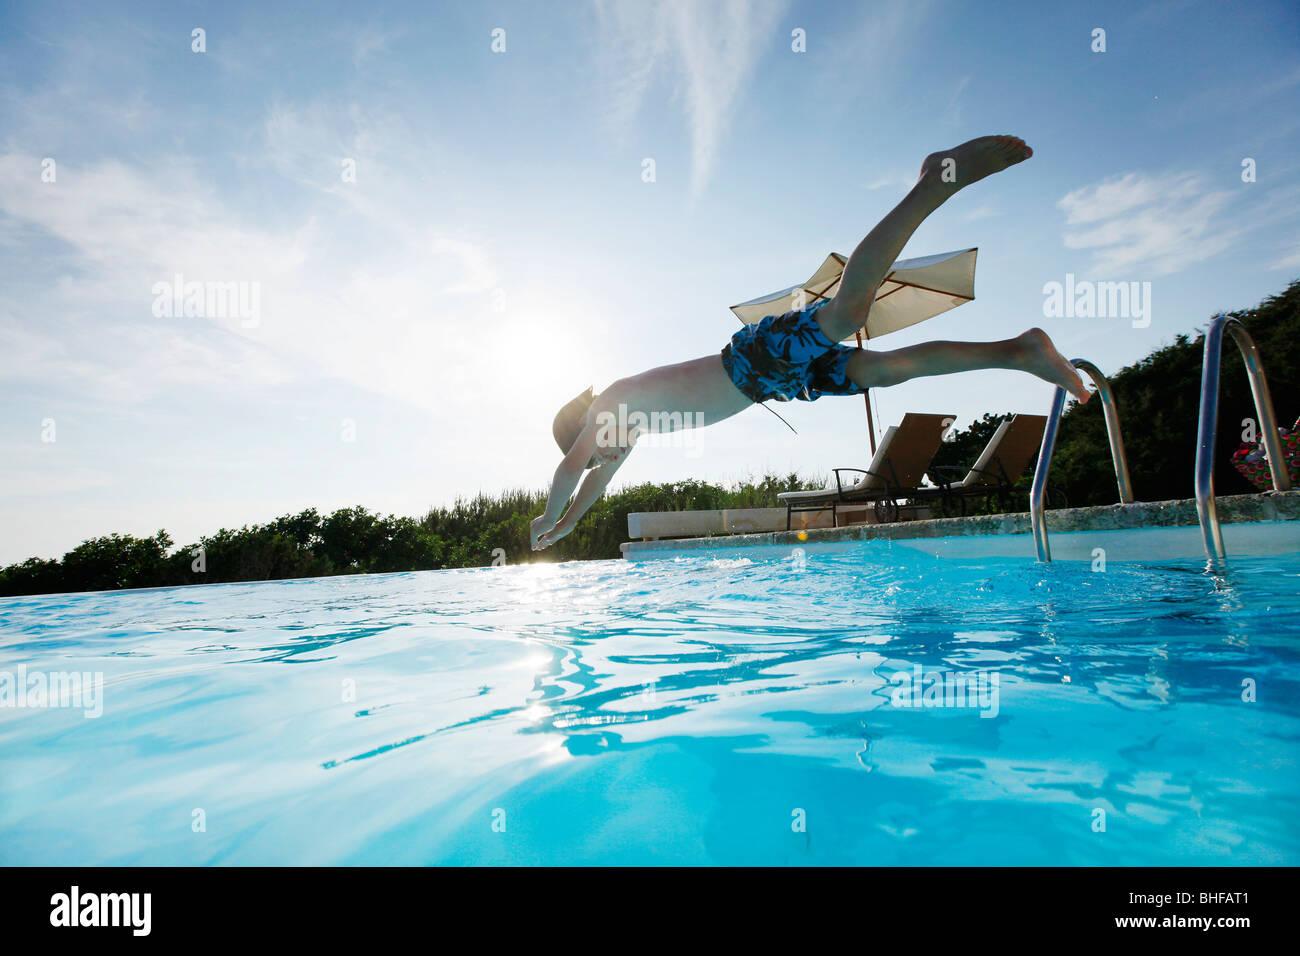 Junge eintauchen in den Pool, Schwimmbad, Las Dunas Playa, Formentera, Balearen, Spanien Stockfoto